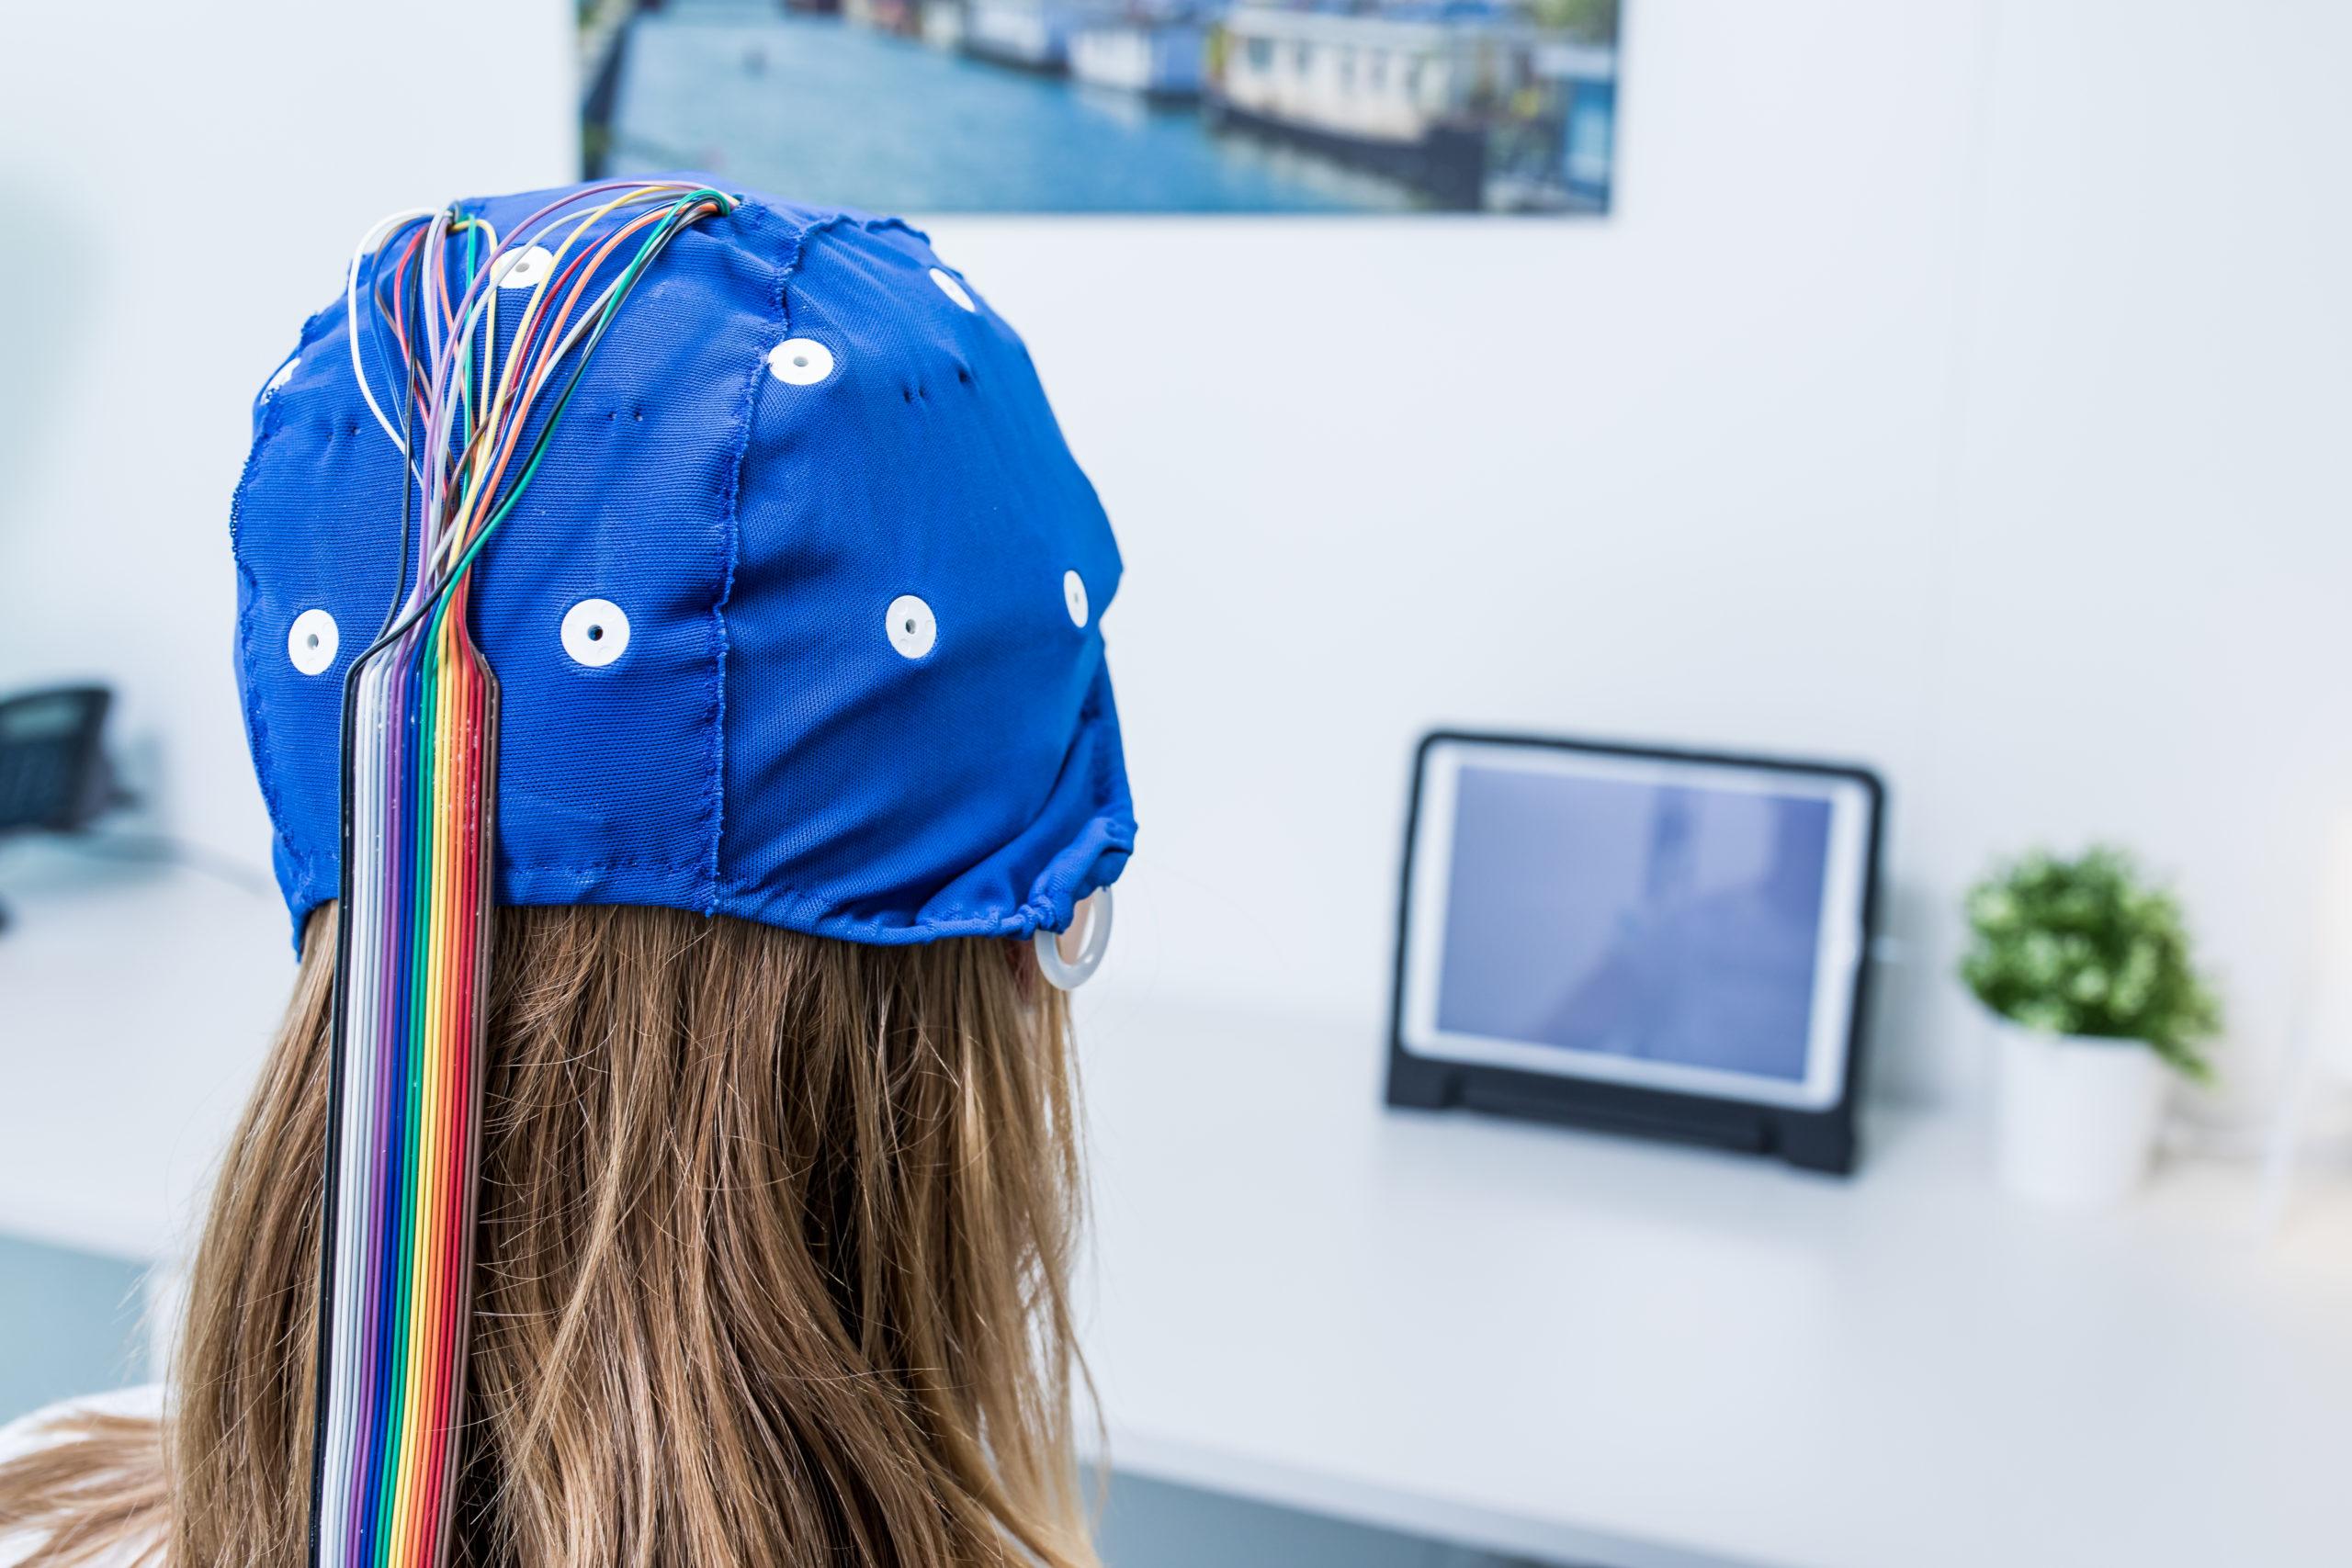 Neurofeedback cap - hersenmeting - Brainmed